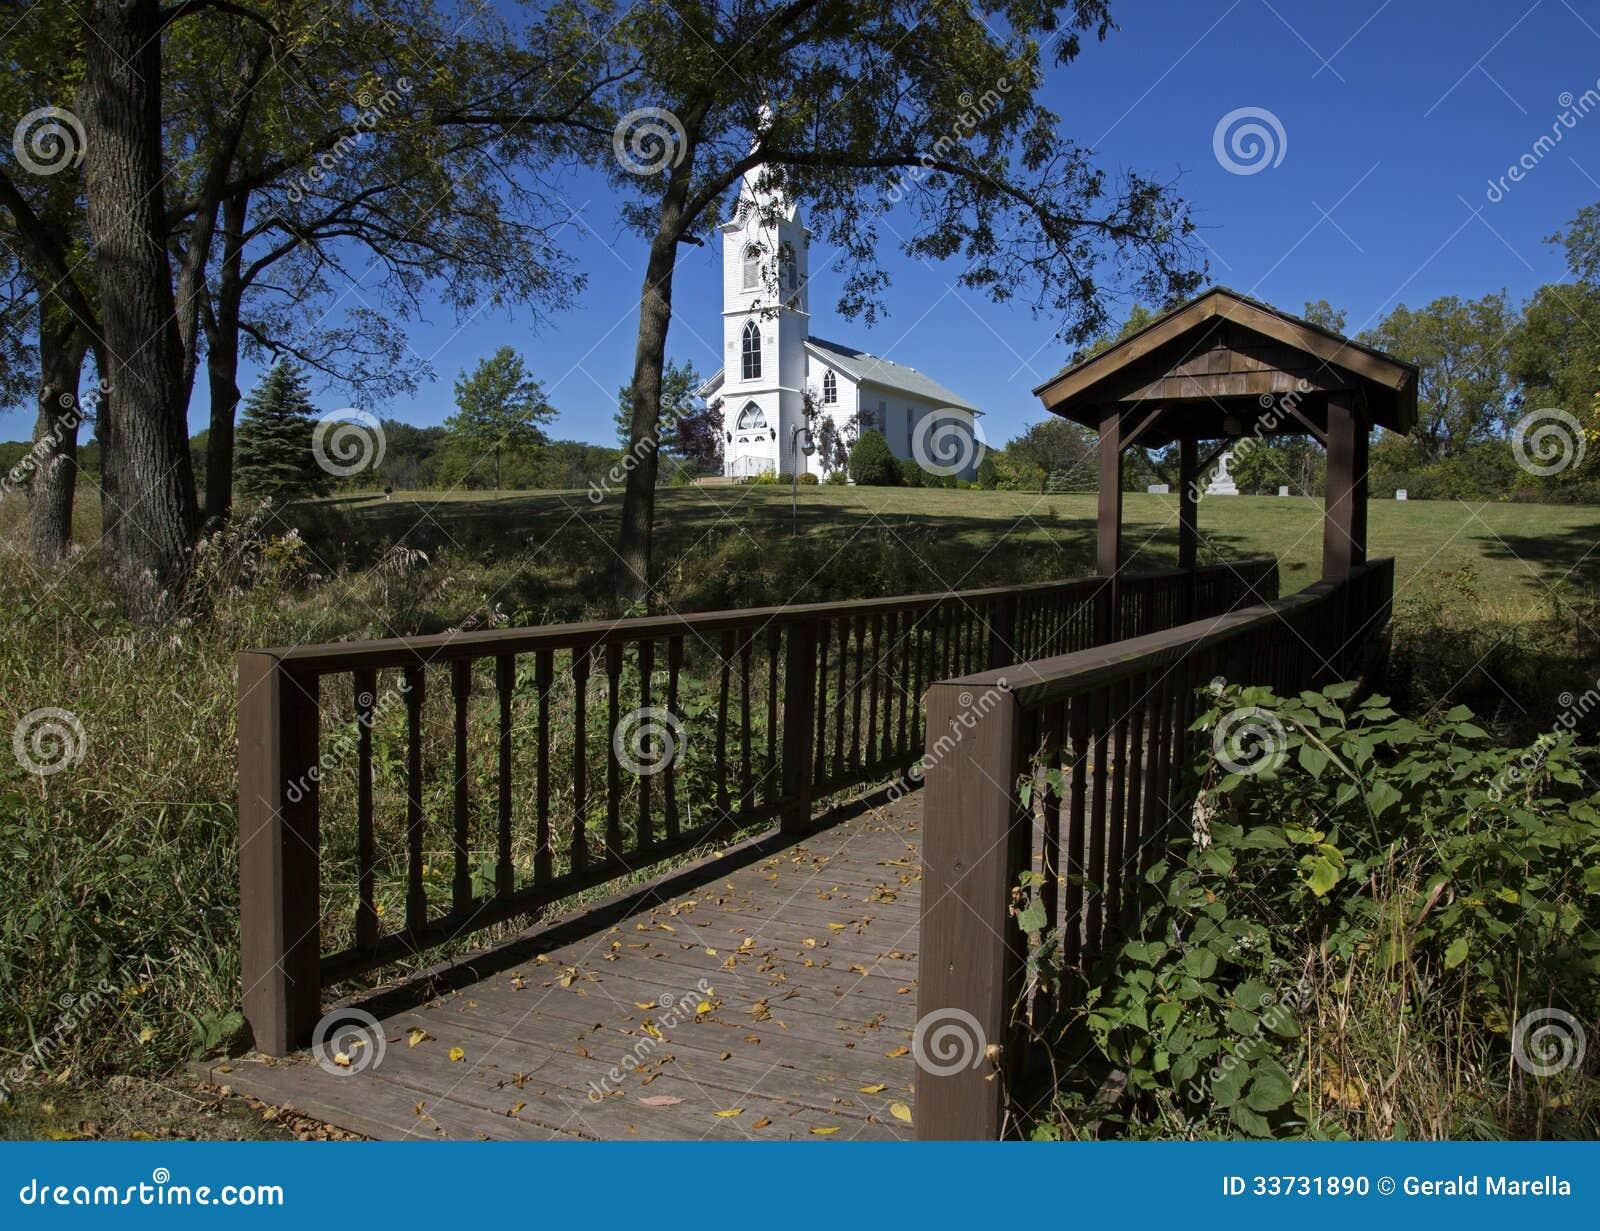 Пешеходный мост и белая церковь.